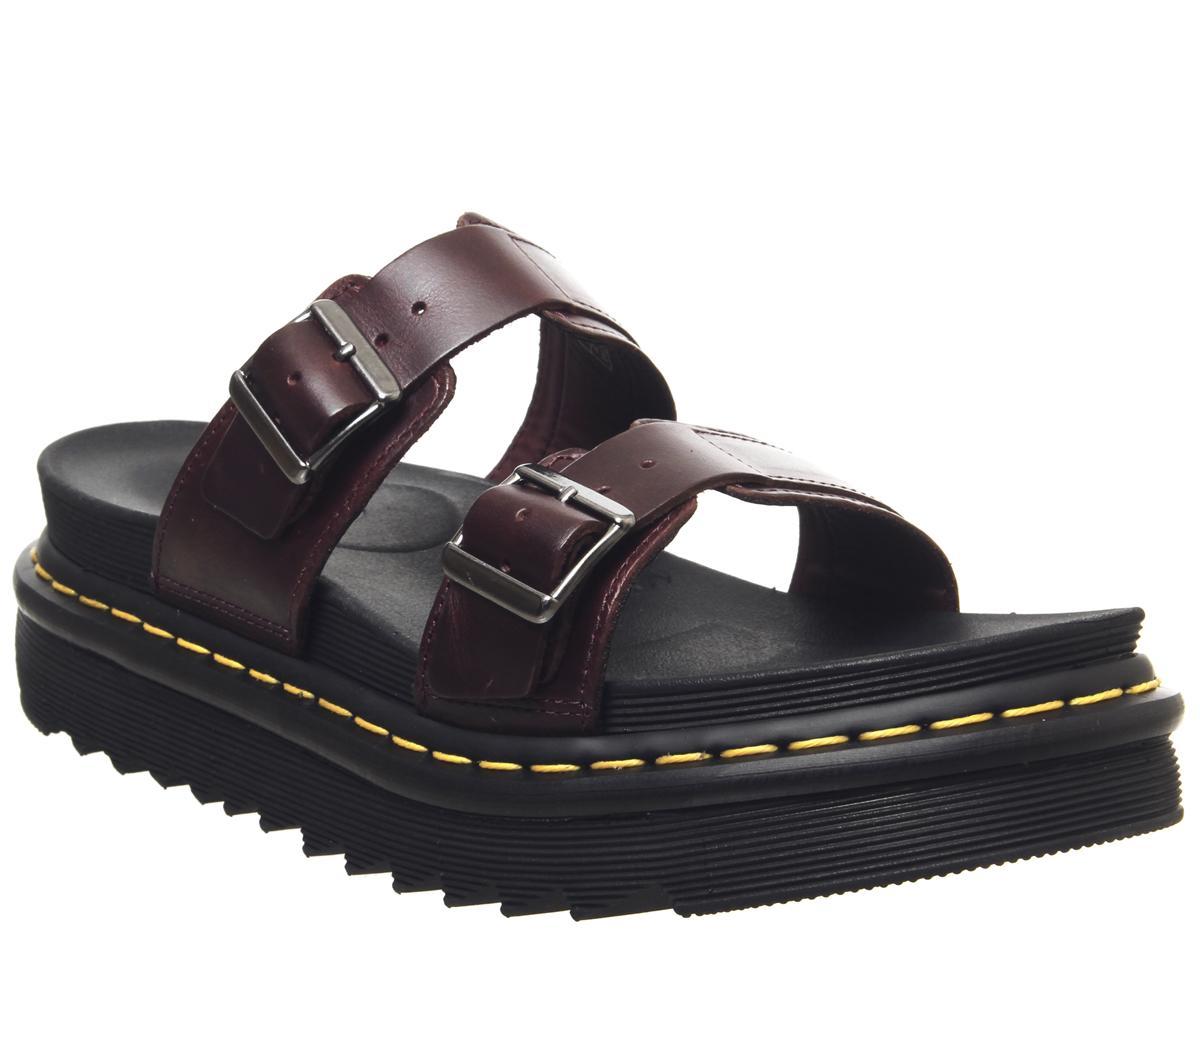 Myles Sandals